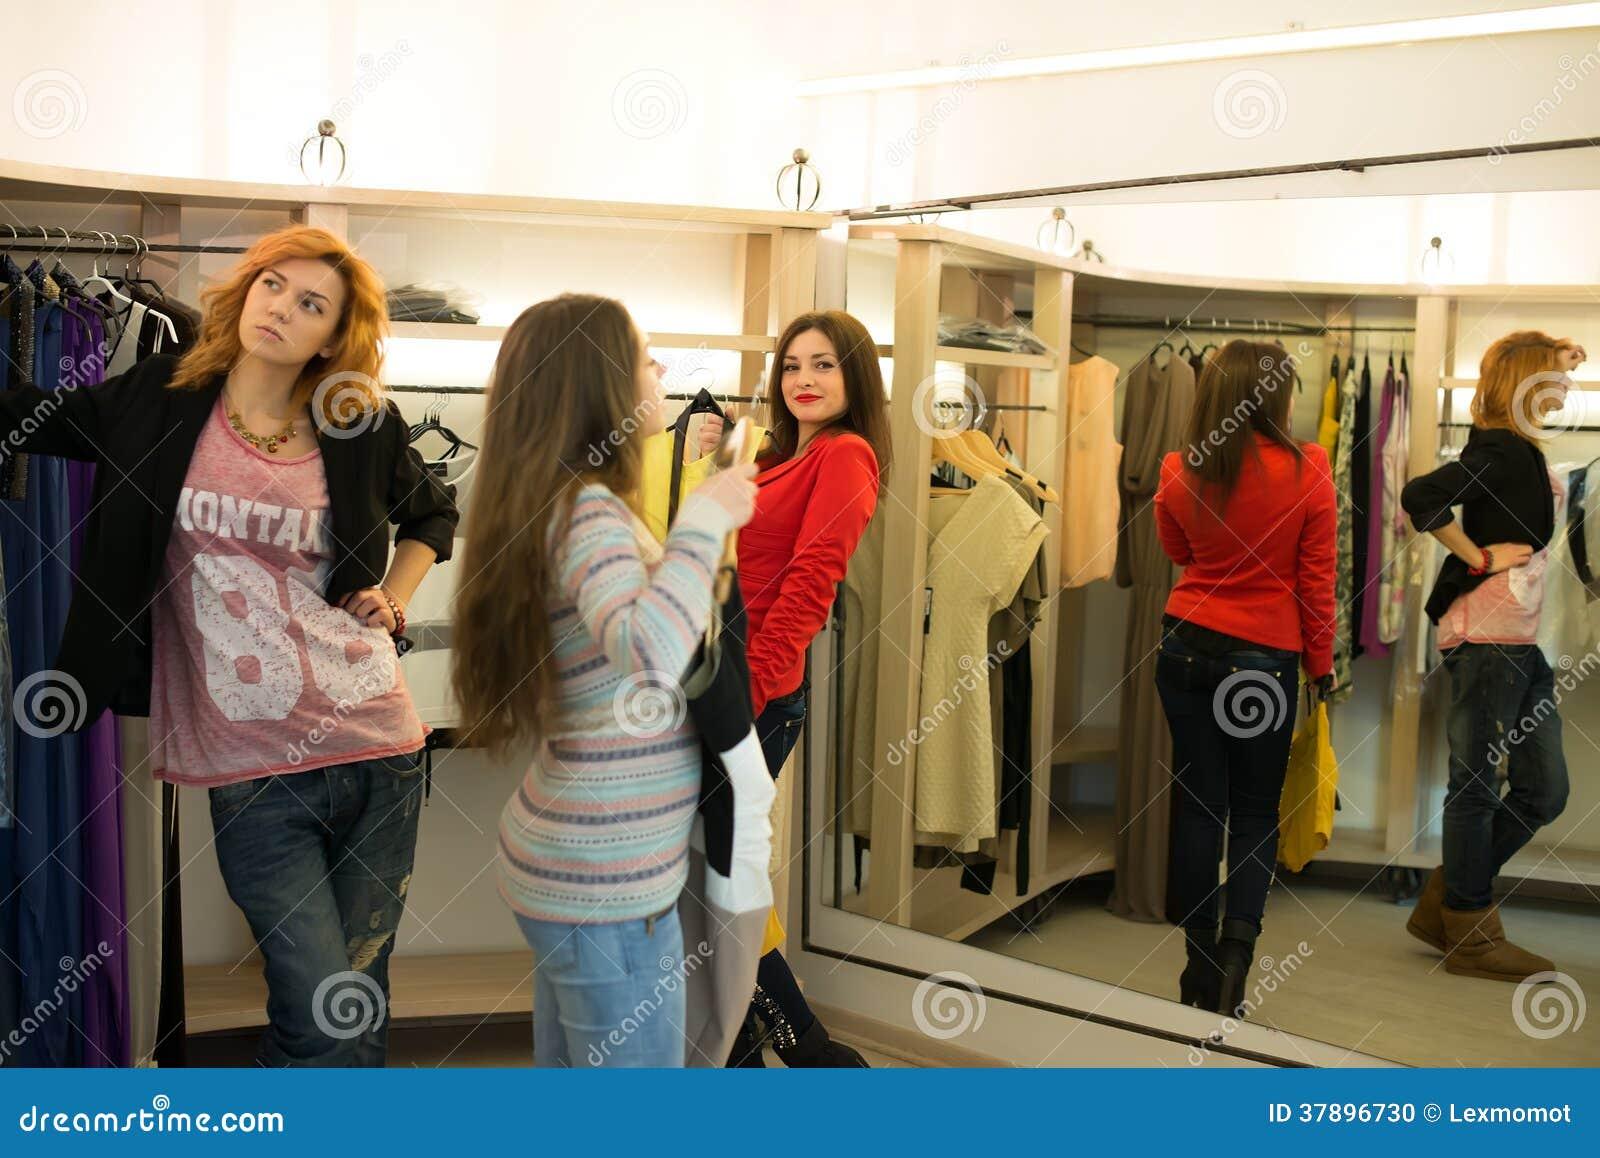 Fraueneinkaufen, welches die Kleider schauen im Spiegel unsicher wählt